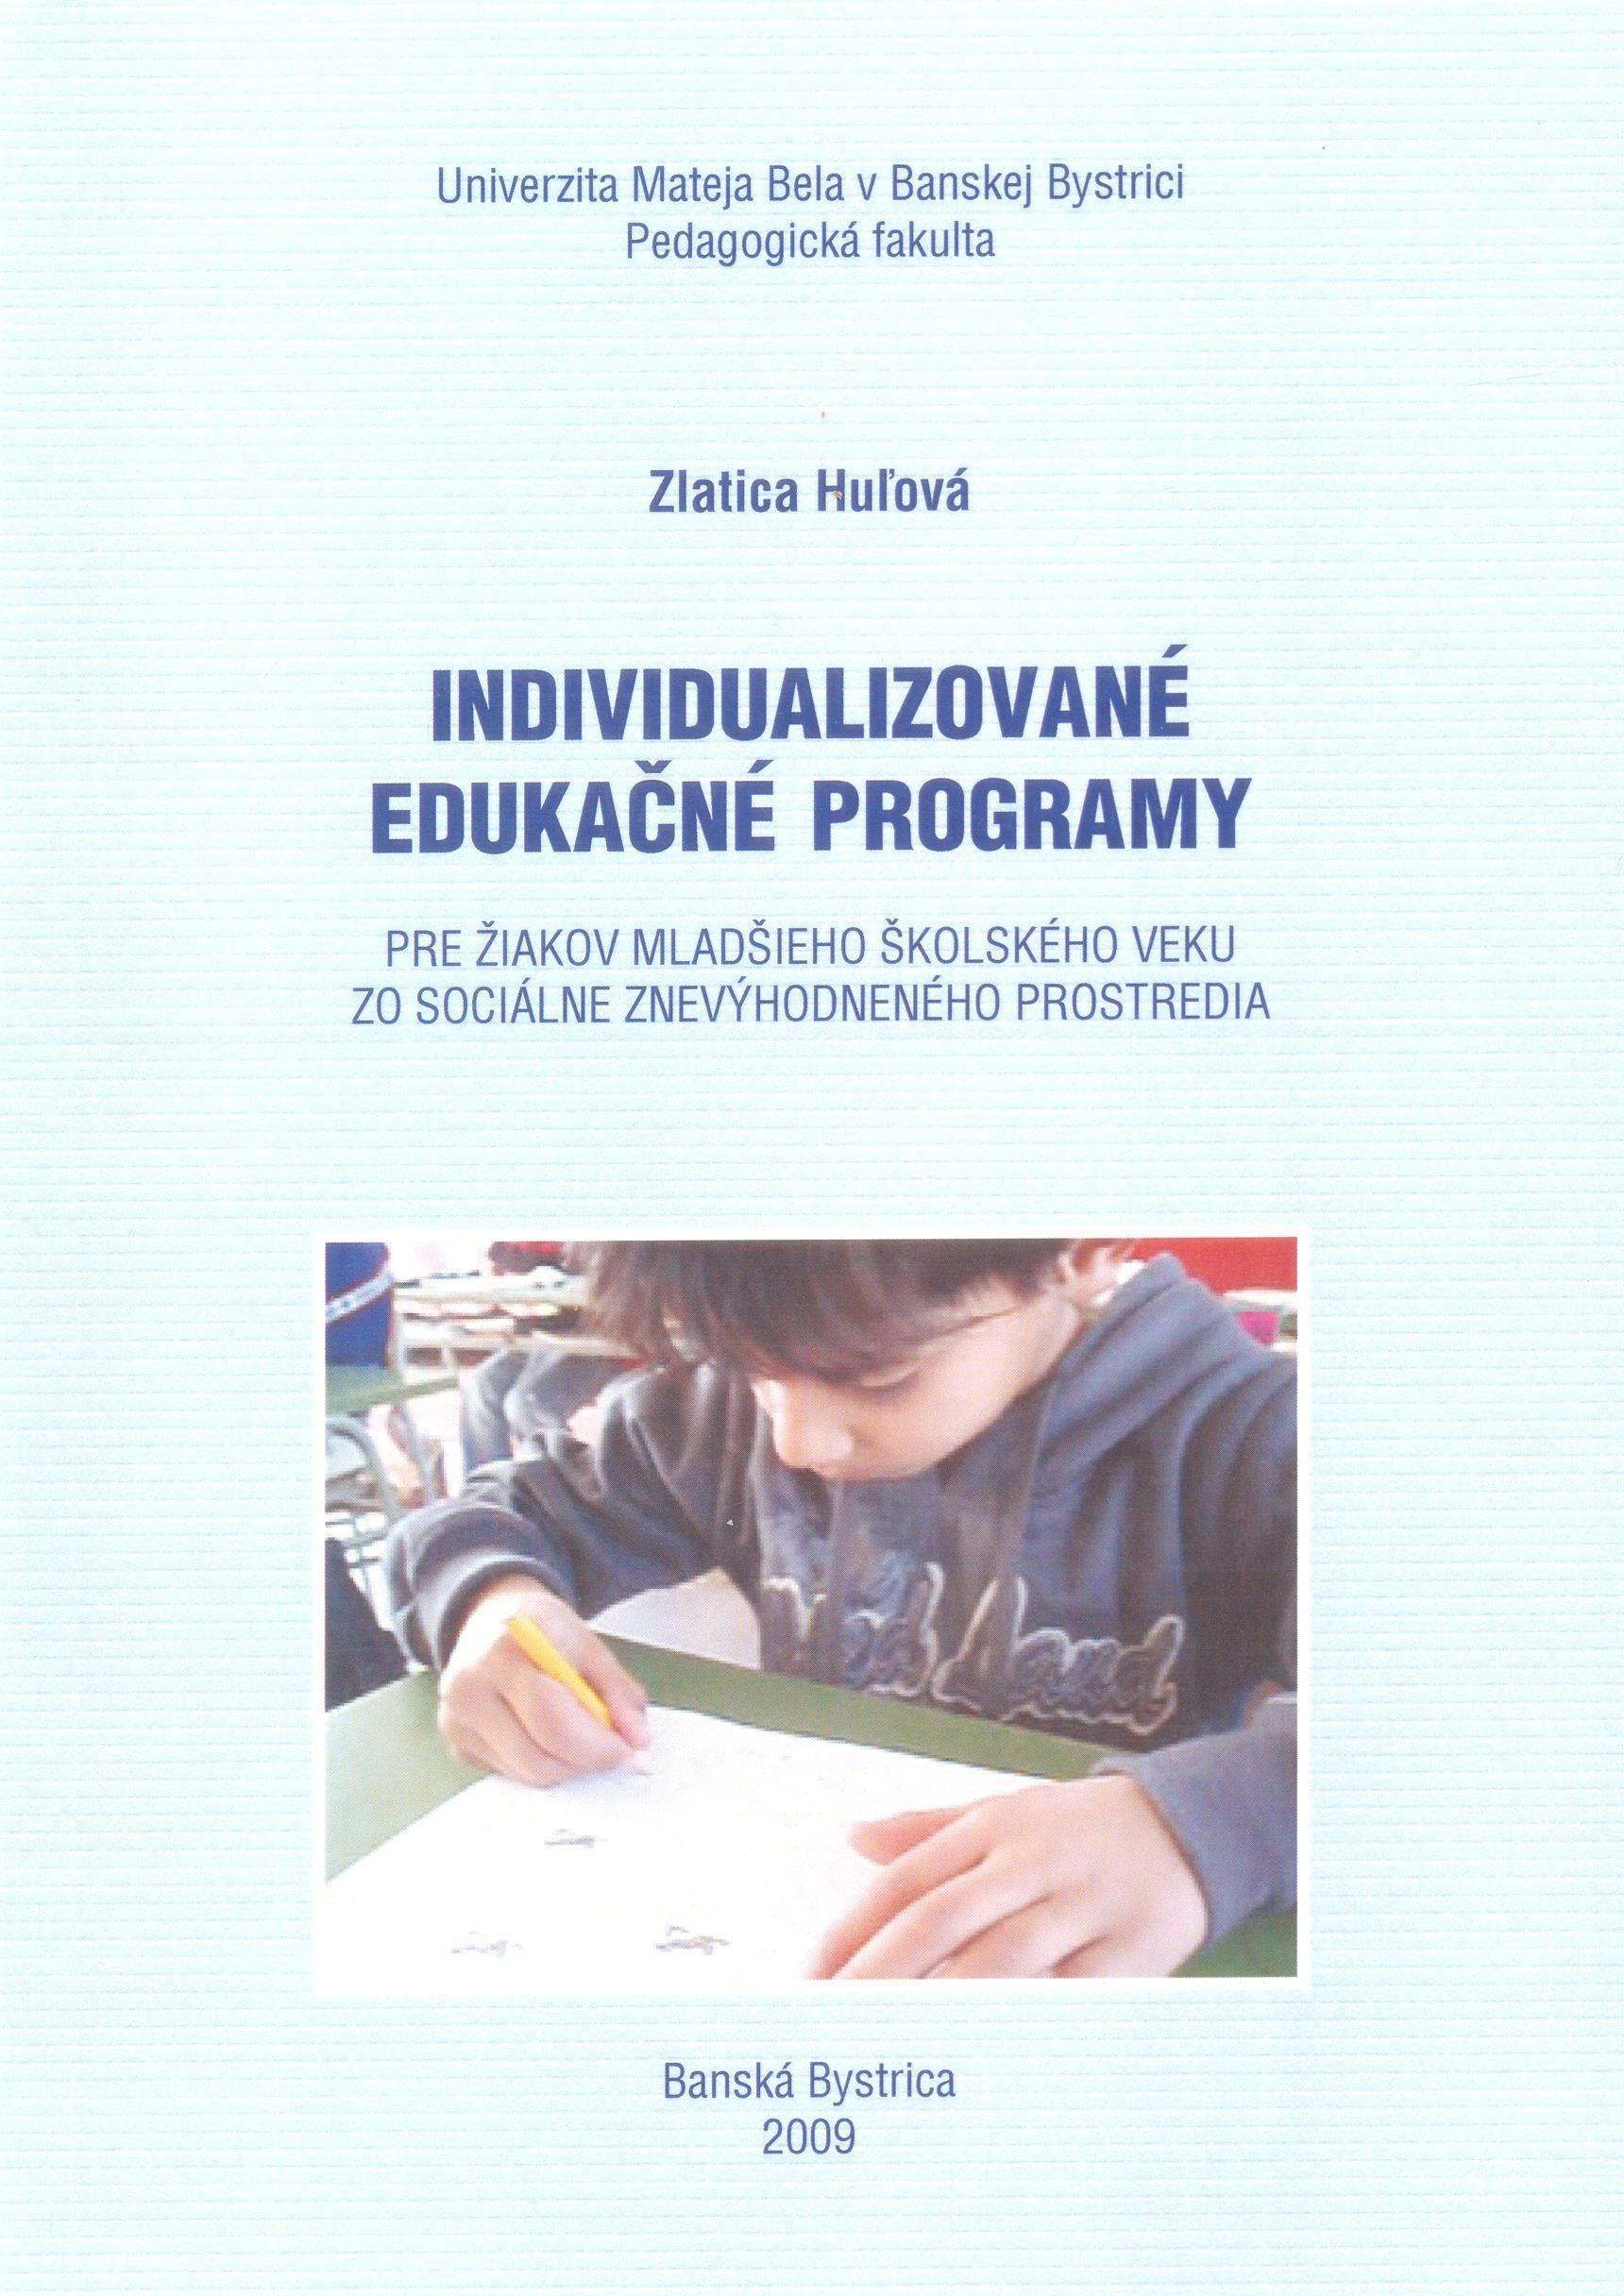 Individualizované edukačné programy pre žiakov mladšieho školského veku zo sociálne znevýhodneného prostredia